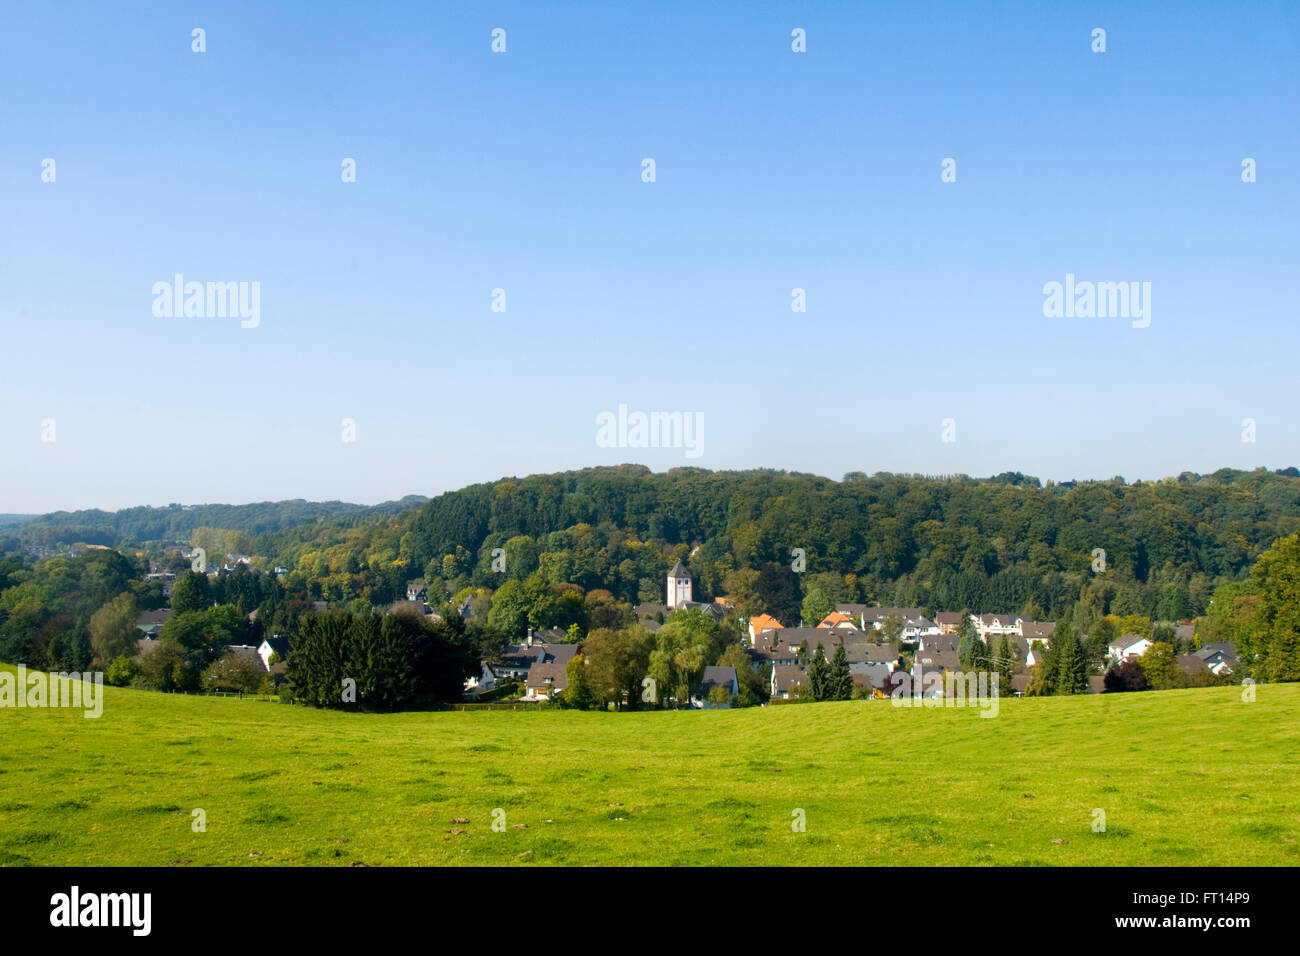 BRD, Nordrhein-Westfalen, Rheinisch-Bergischer Kreis, Odenthal, - Stock Image